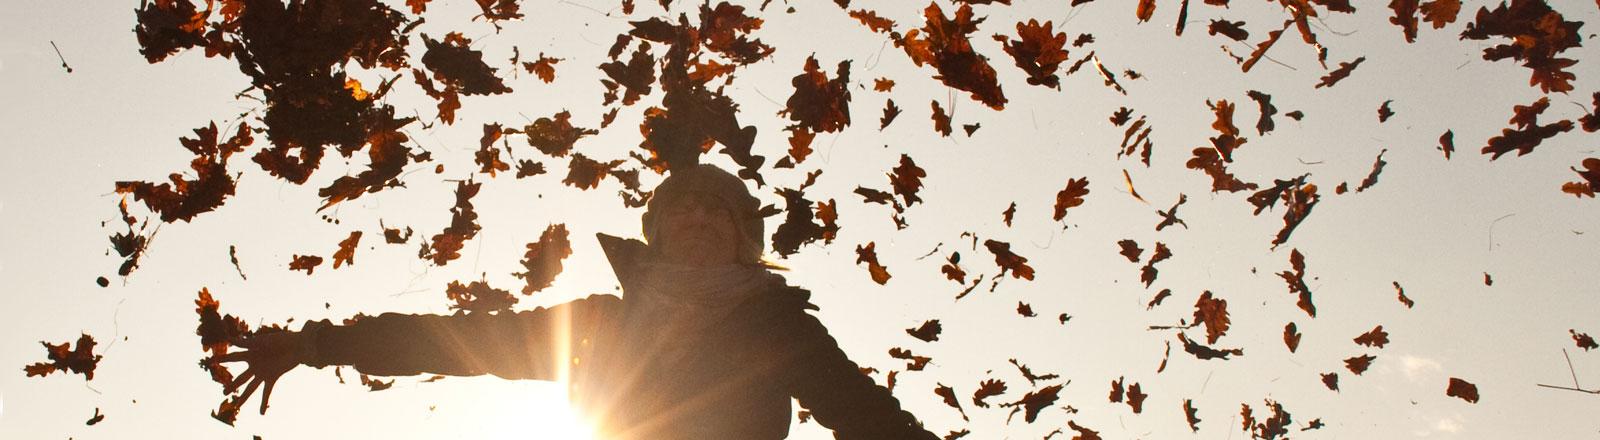 Eine Frau wirft Laub in die Luft